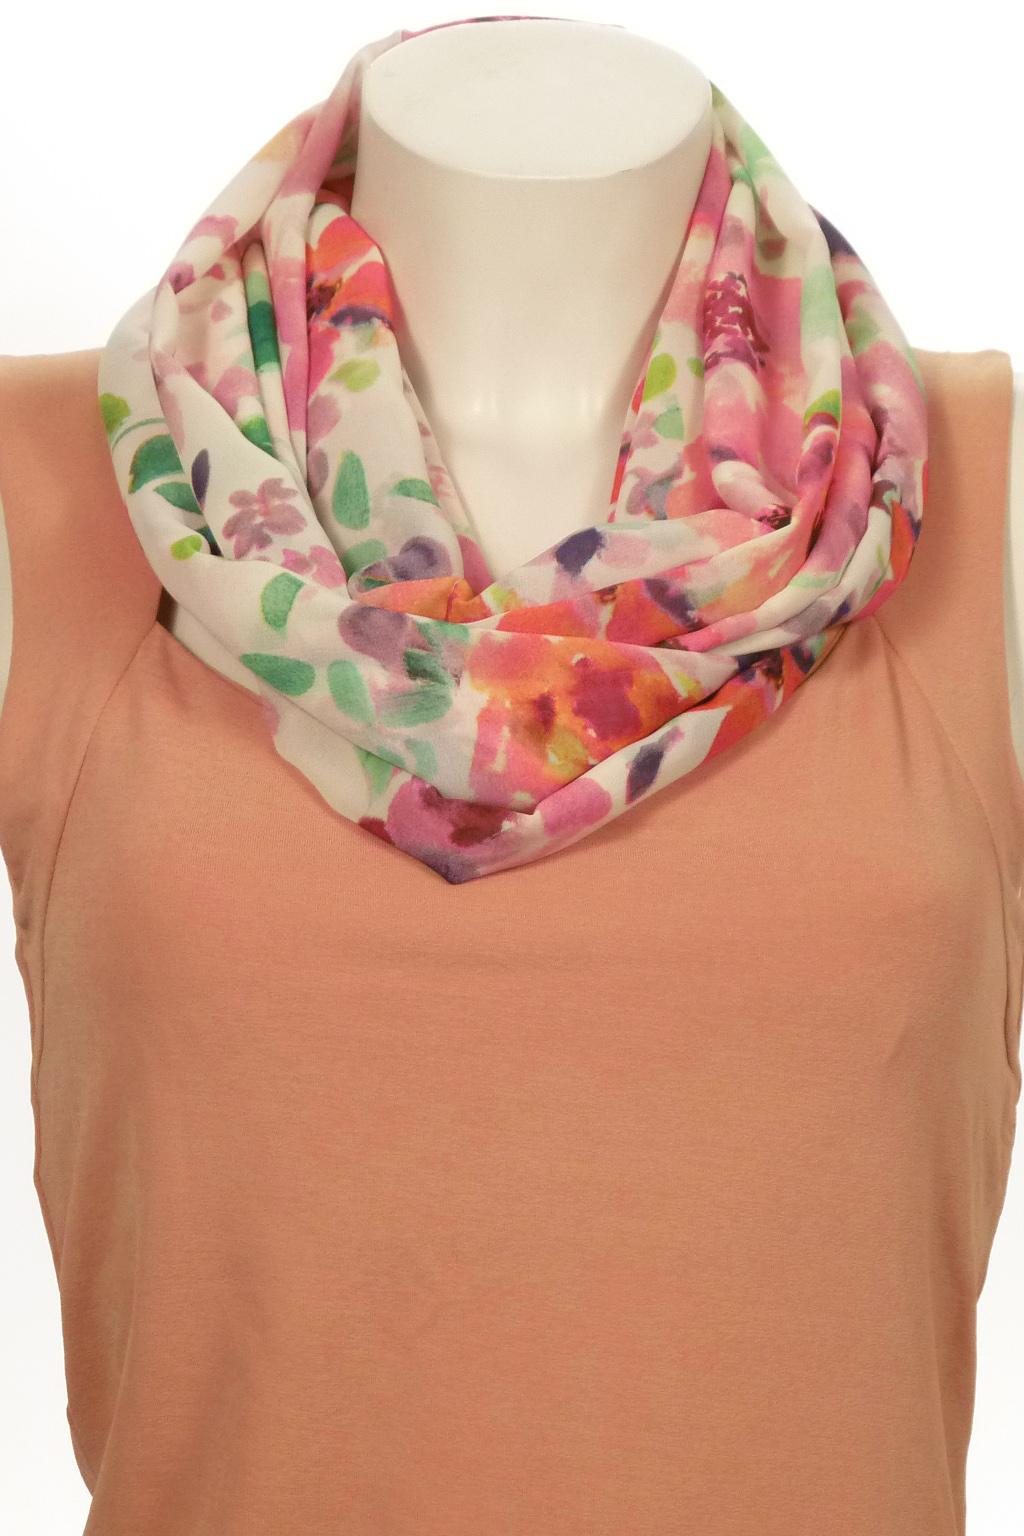 Шарф-дуэтШарфы<br>Шарф - дуэт это тандем шарфа и муфты, которая вшита в шарф - трубу. Шарф - труба в сшитом состоянии: длина 140 см, ширина 24 см.  В изделии использованы цвета: белый, розовый, зеленый и др.<br><br>По сезону: Всесезон<br>Размер : UNI<br>Материал: Шифон<br>Количество в наличии: 3